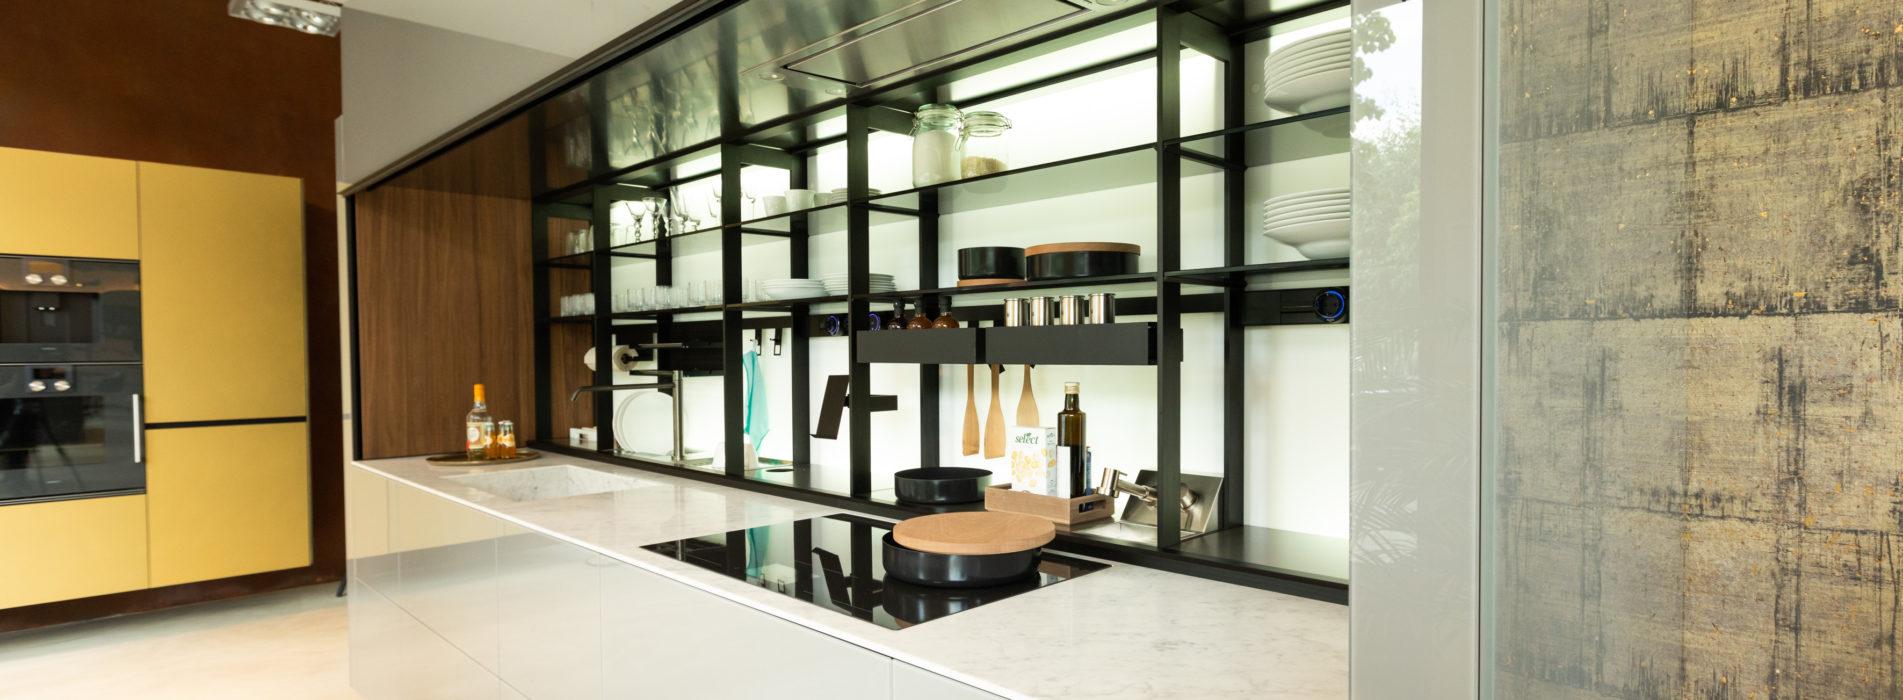 Valcucine Frankfurt » Ihr Küchenstudio für exklusive Küchen ...